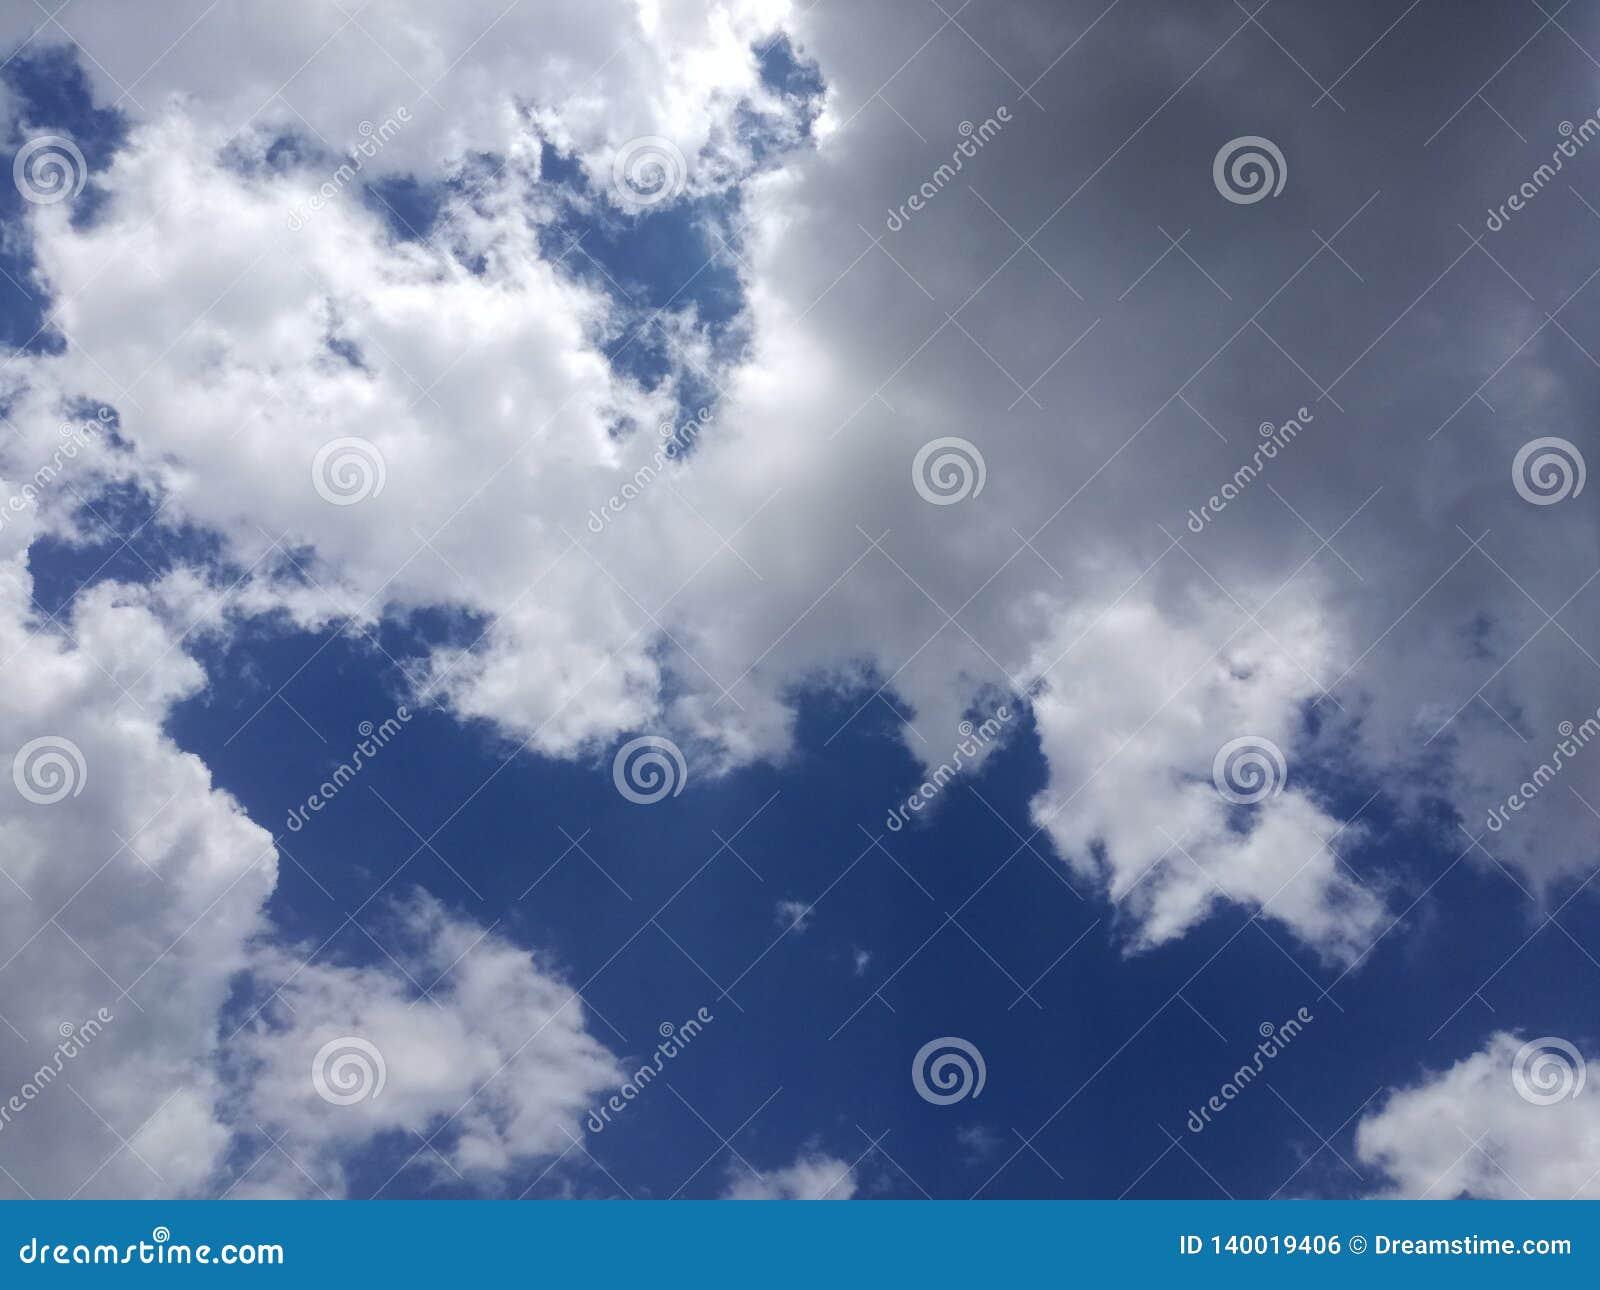 The sky can bear your grievances